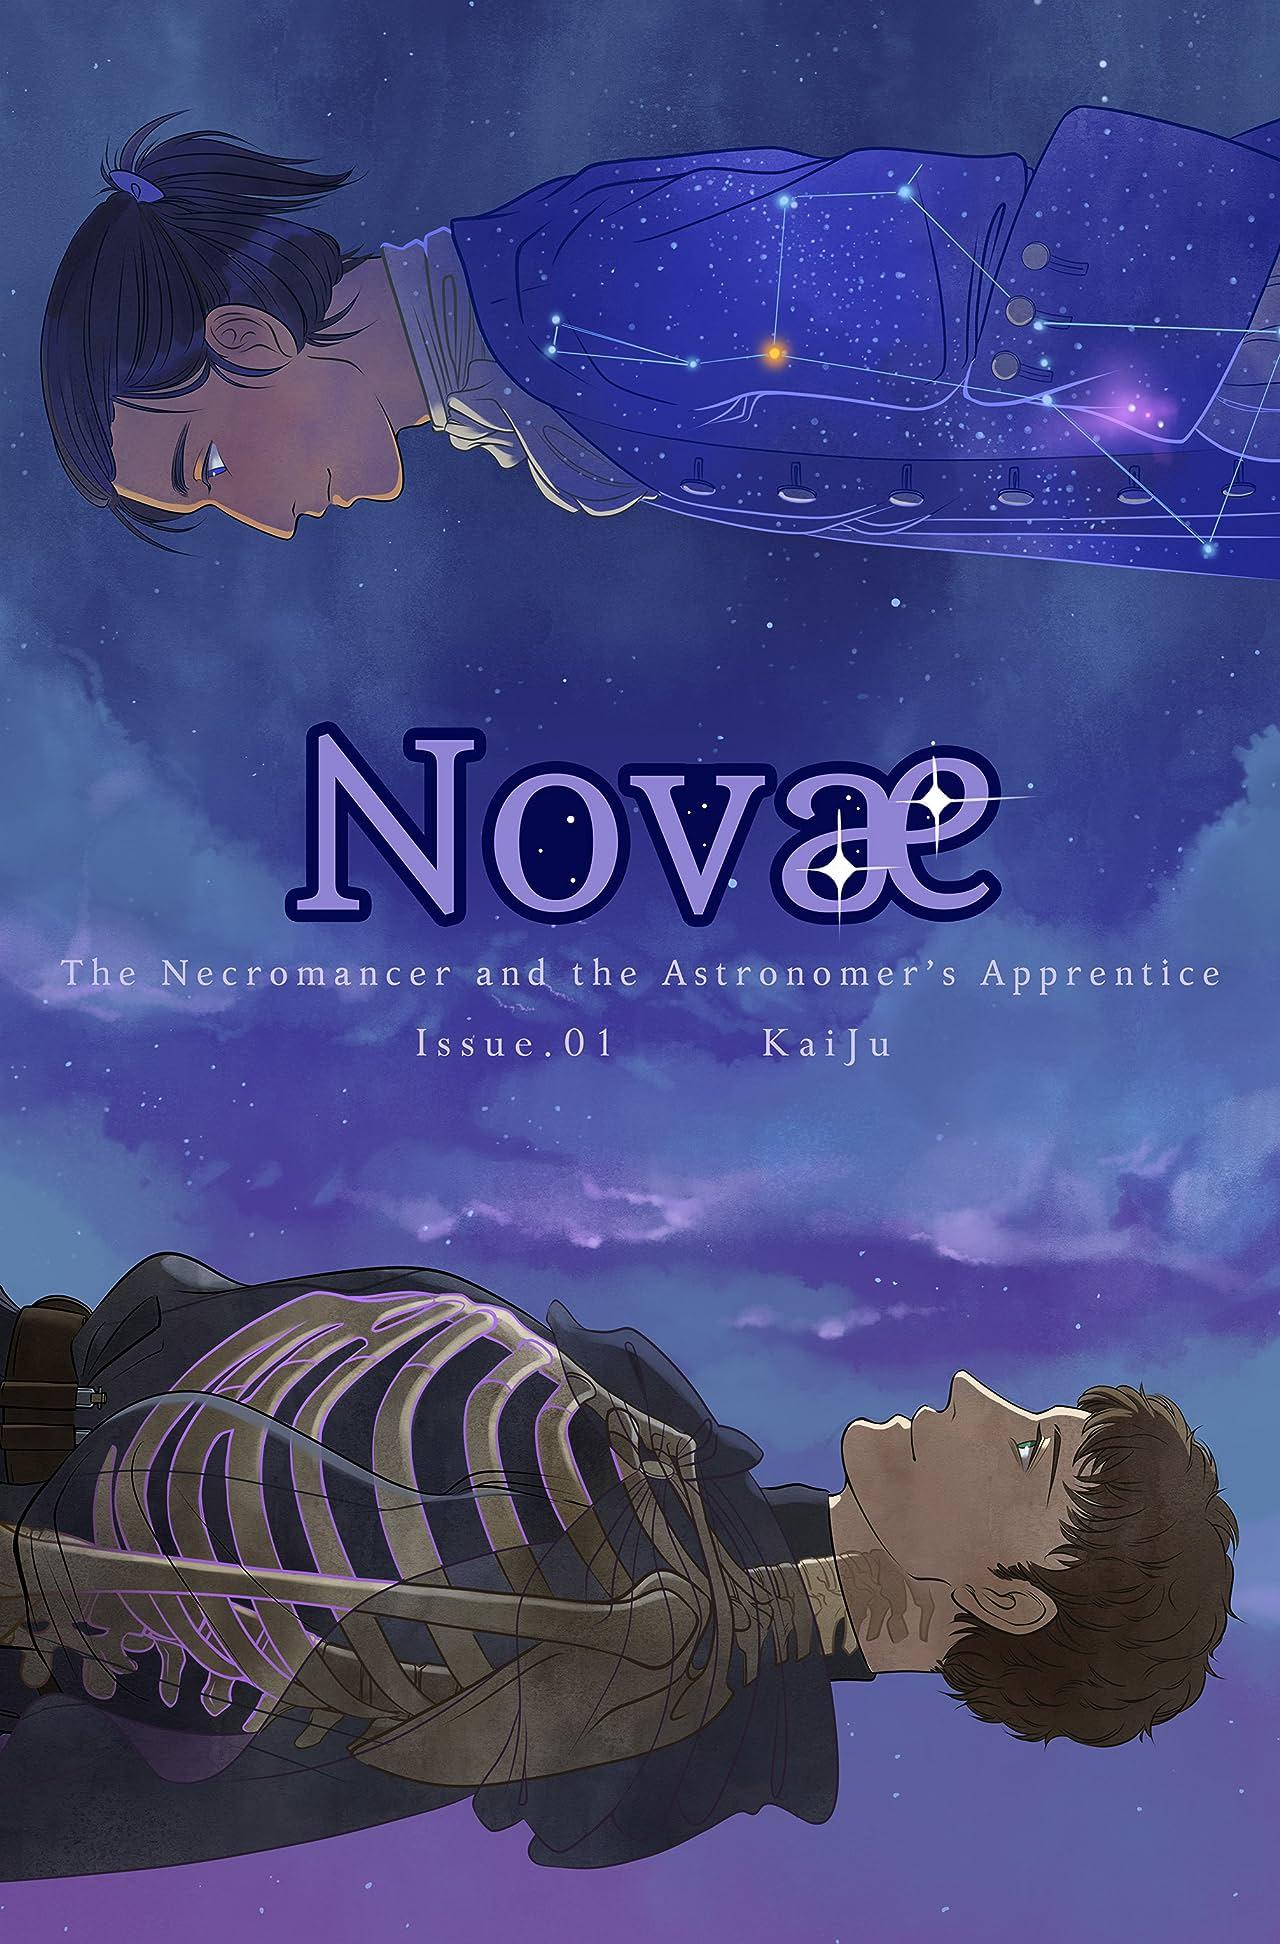 Novae #1